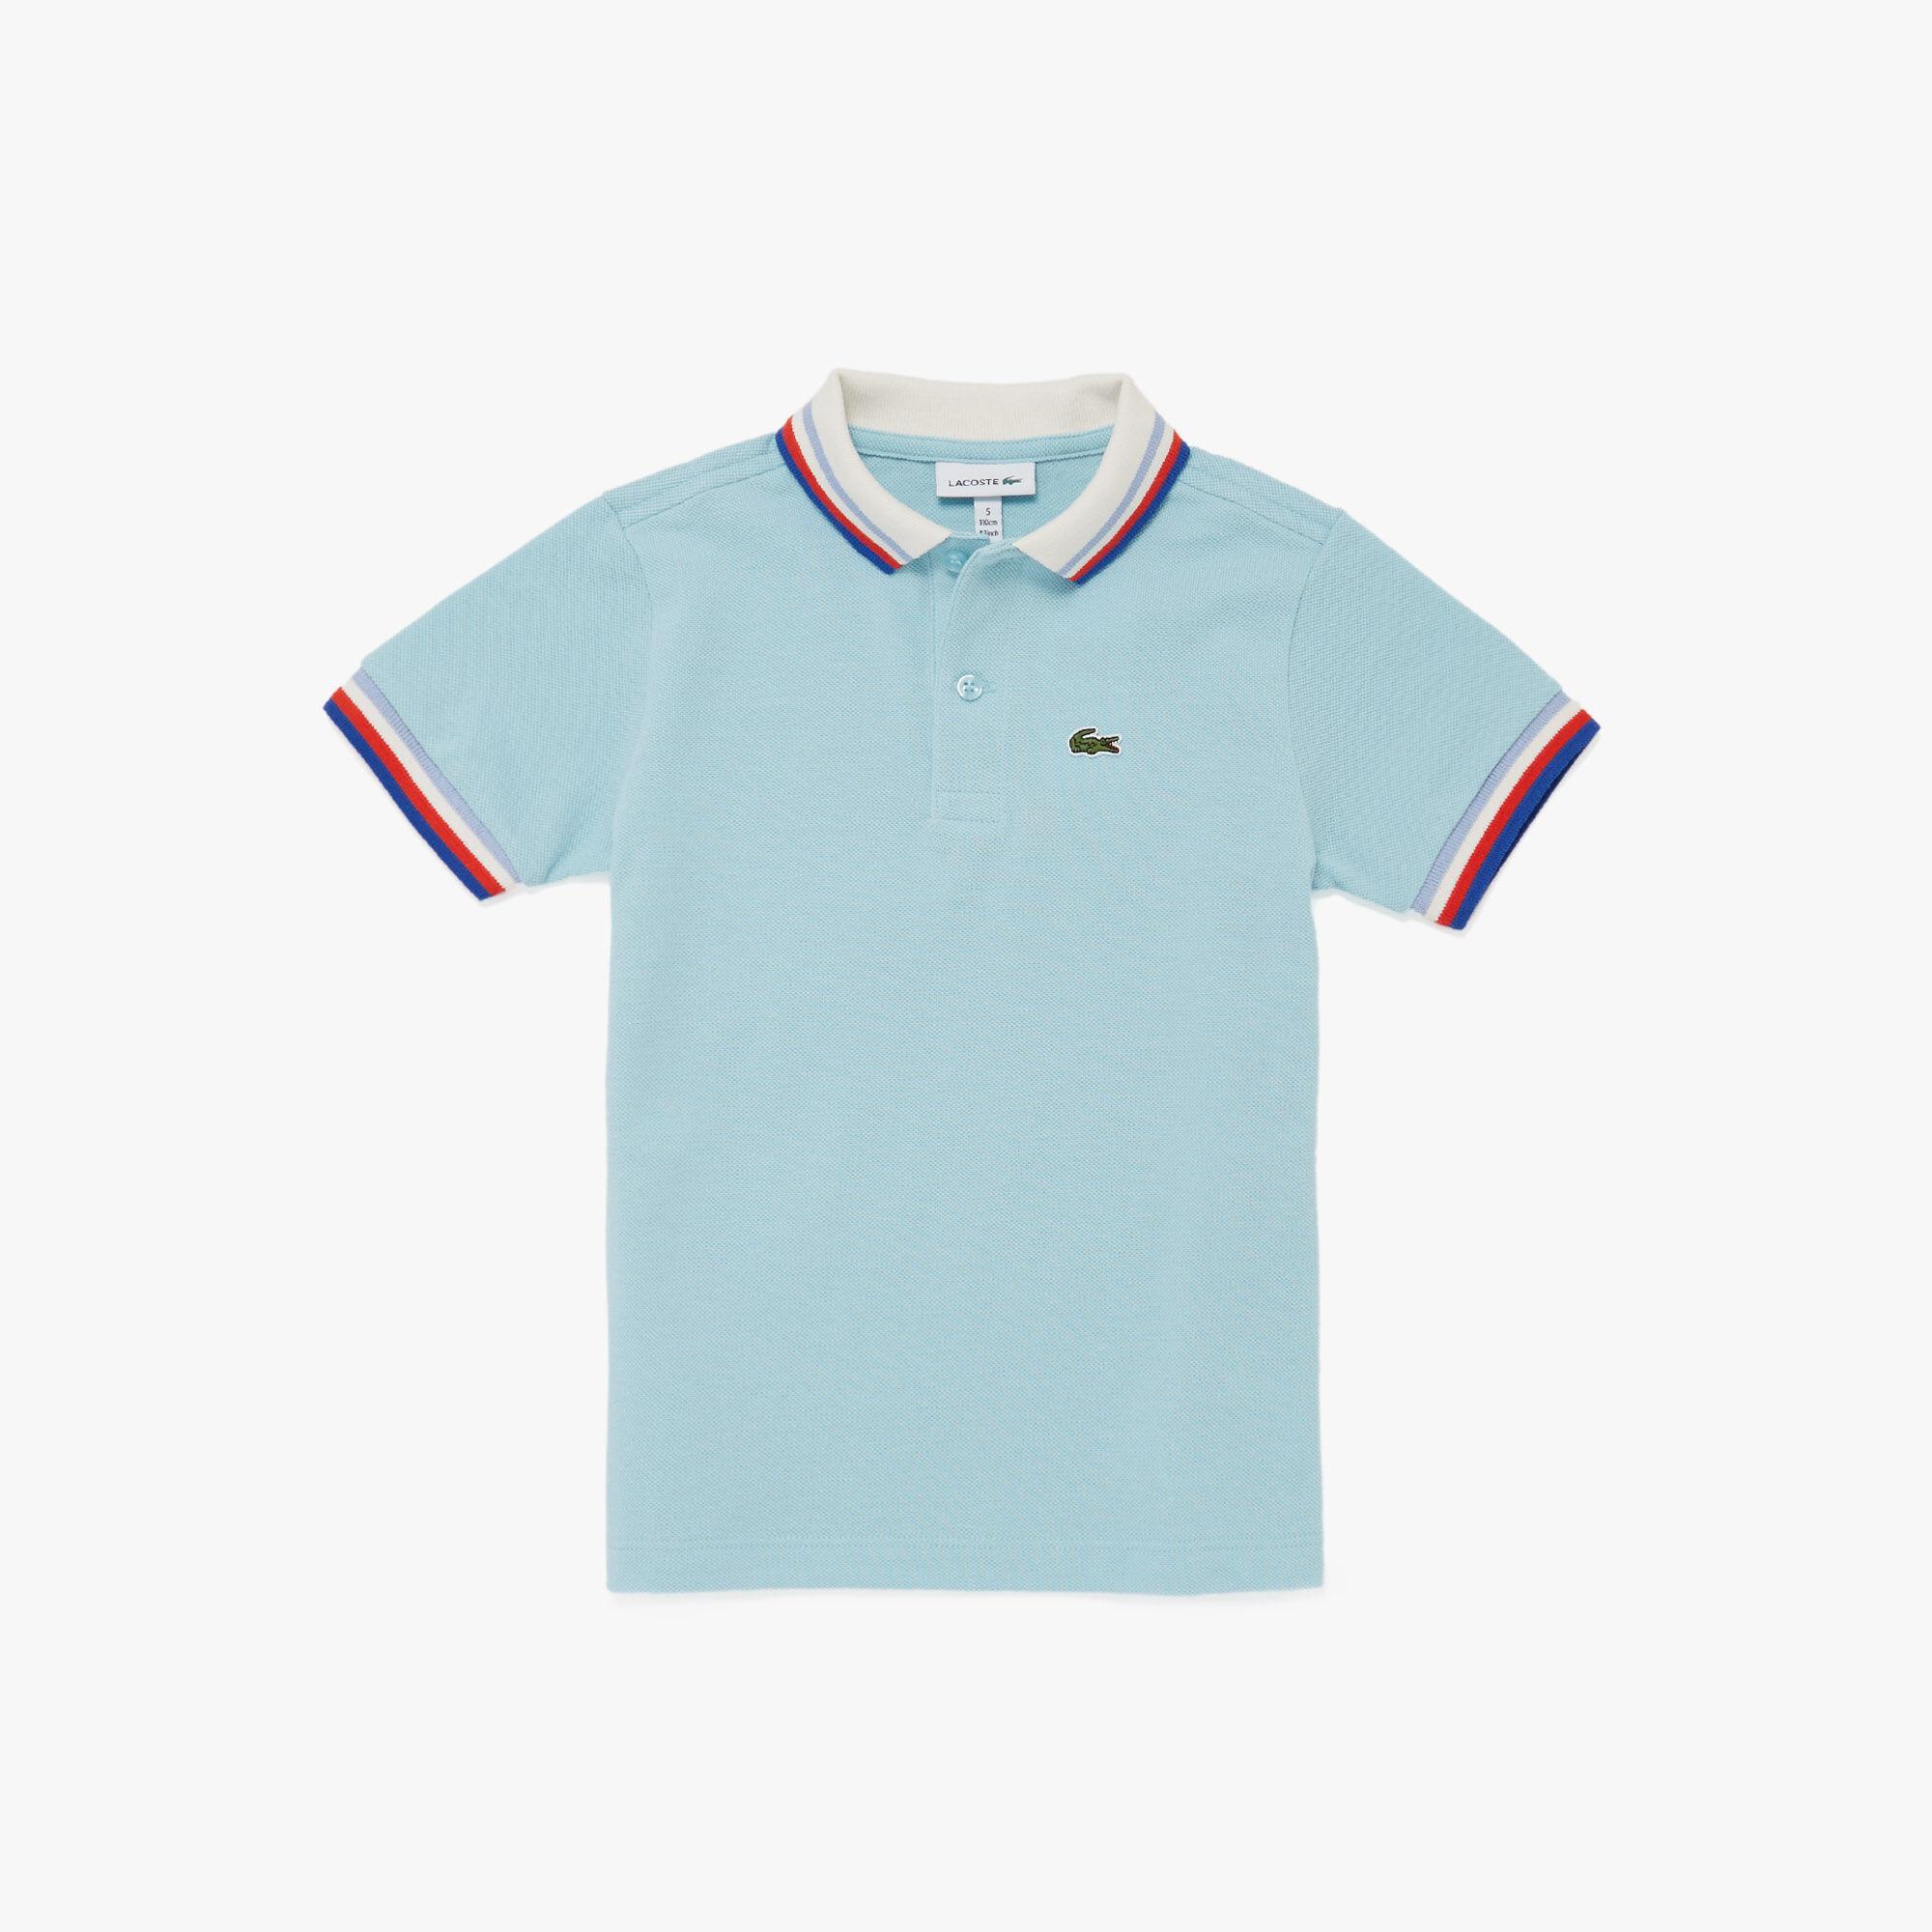 قميص بولو قطني تراثي للصبيان من Lacoste